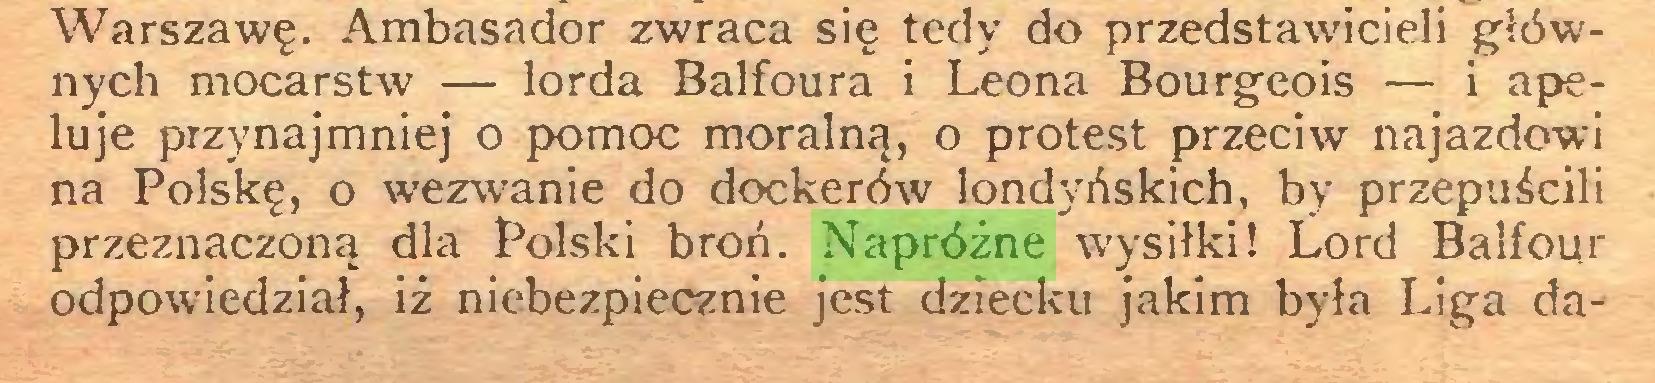 (...) Warszawę. Ambasador zwraca się tedy do przedstawicieli głównych mocarstw — lorda Balfoura i Leona Bourgeois — i apeluje przynajmniej o pomoc moralną, o protest przeciw najazdowi na Polskę, o wezwanie do dockerów londyńskich, by przepuścili przeznaczoną dla Polski broń. Napróżne wysiłki! Lord Balfour odpowiedział, iż niebezpiecznie jest dziecku jakim była Liga da...